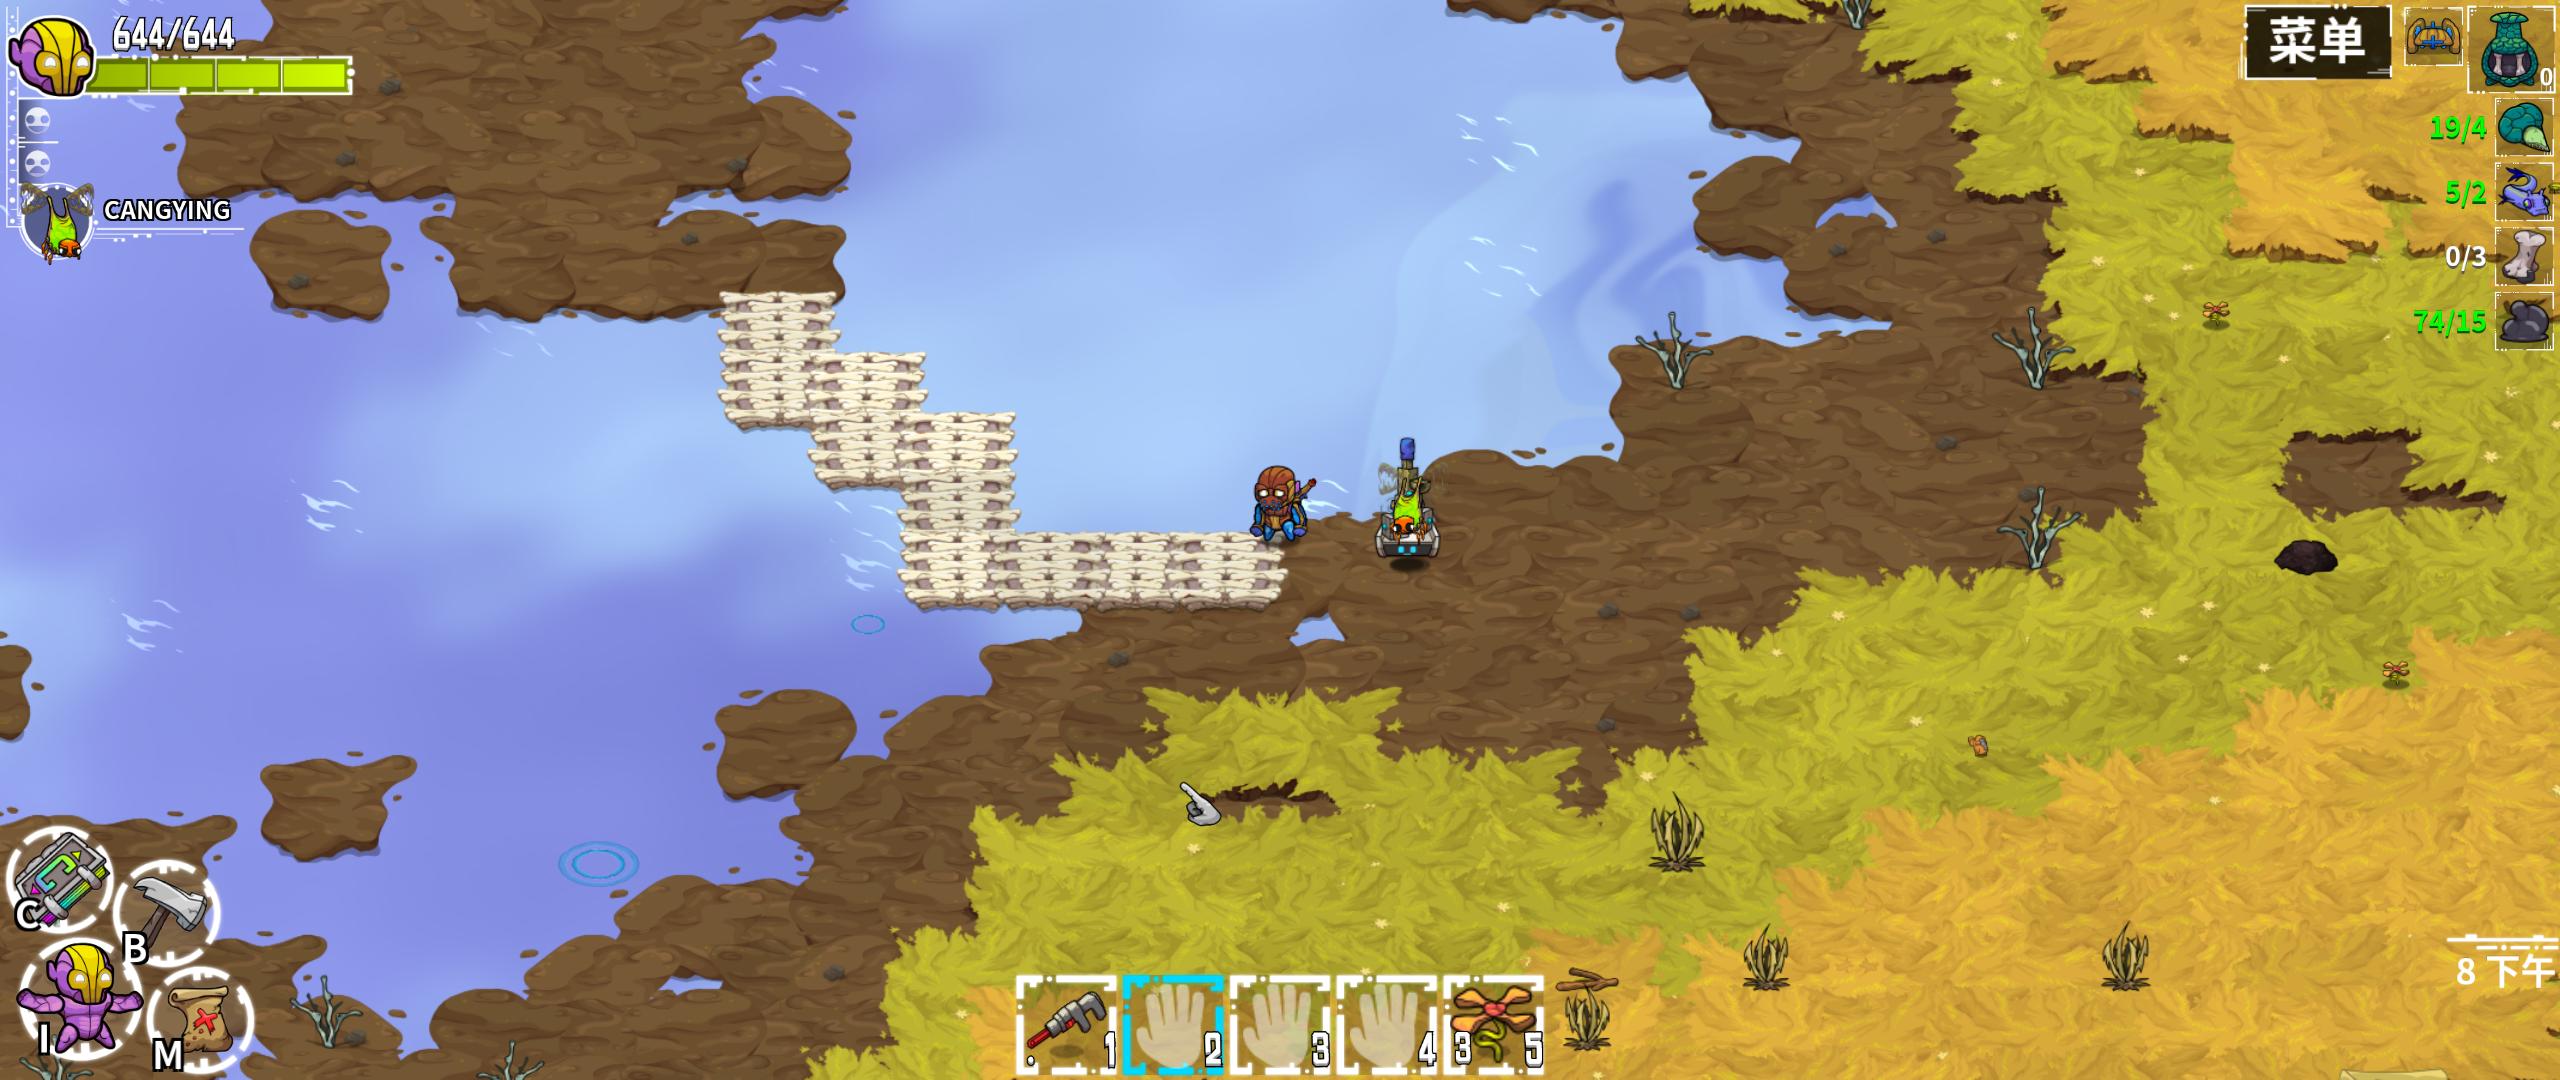 《崩溃大陆》游戏评测——诙谐幽默的画面难掩浅薄的内容